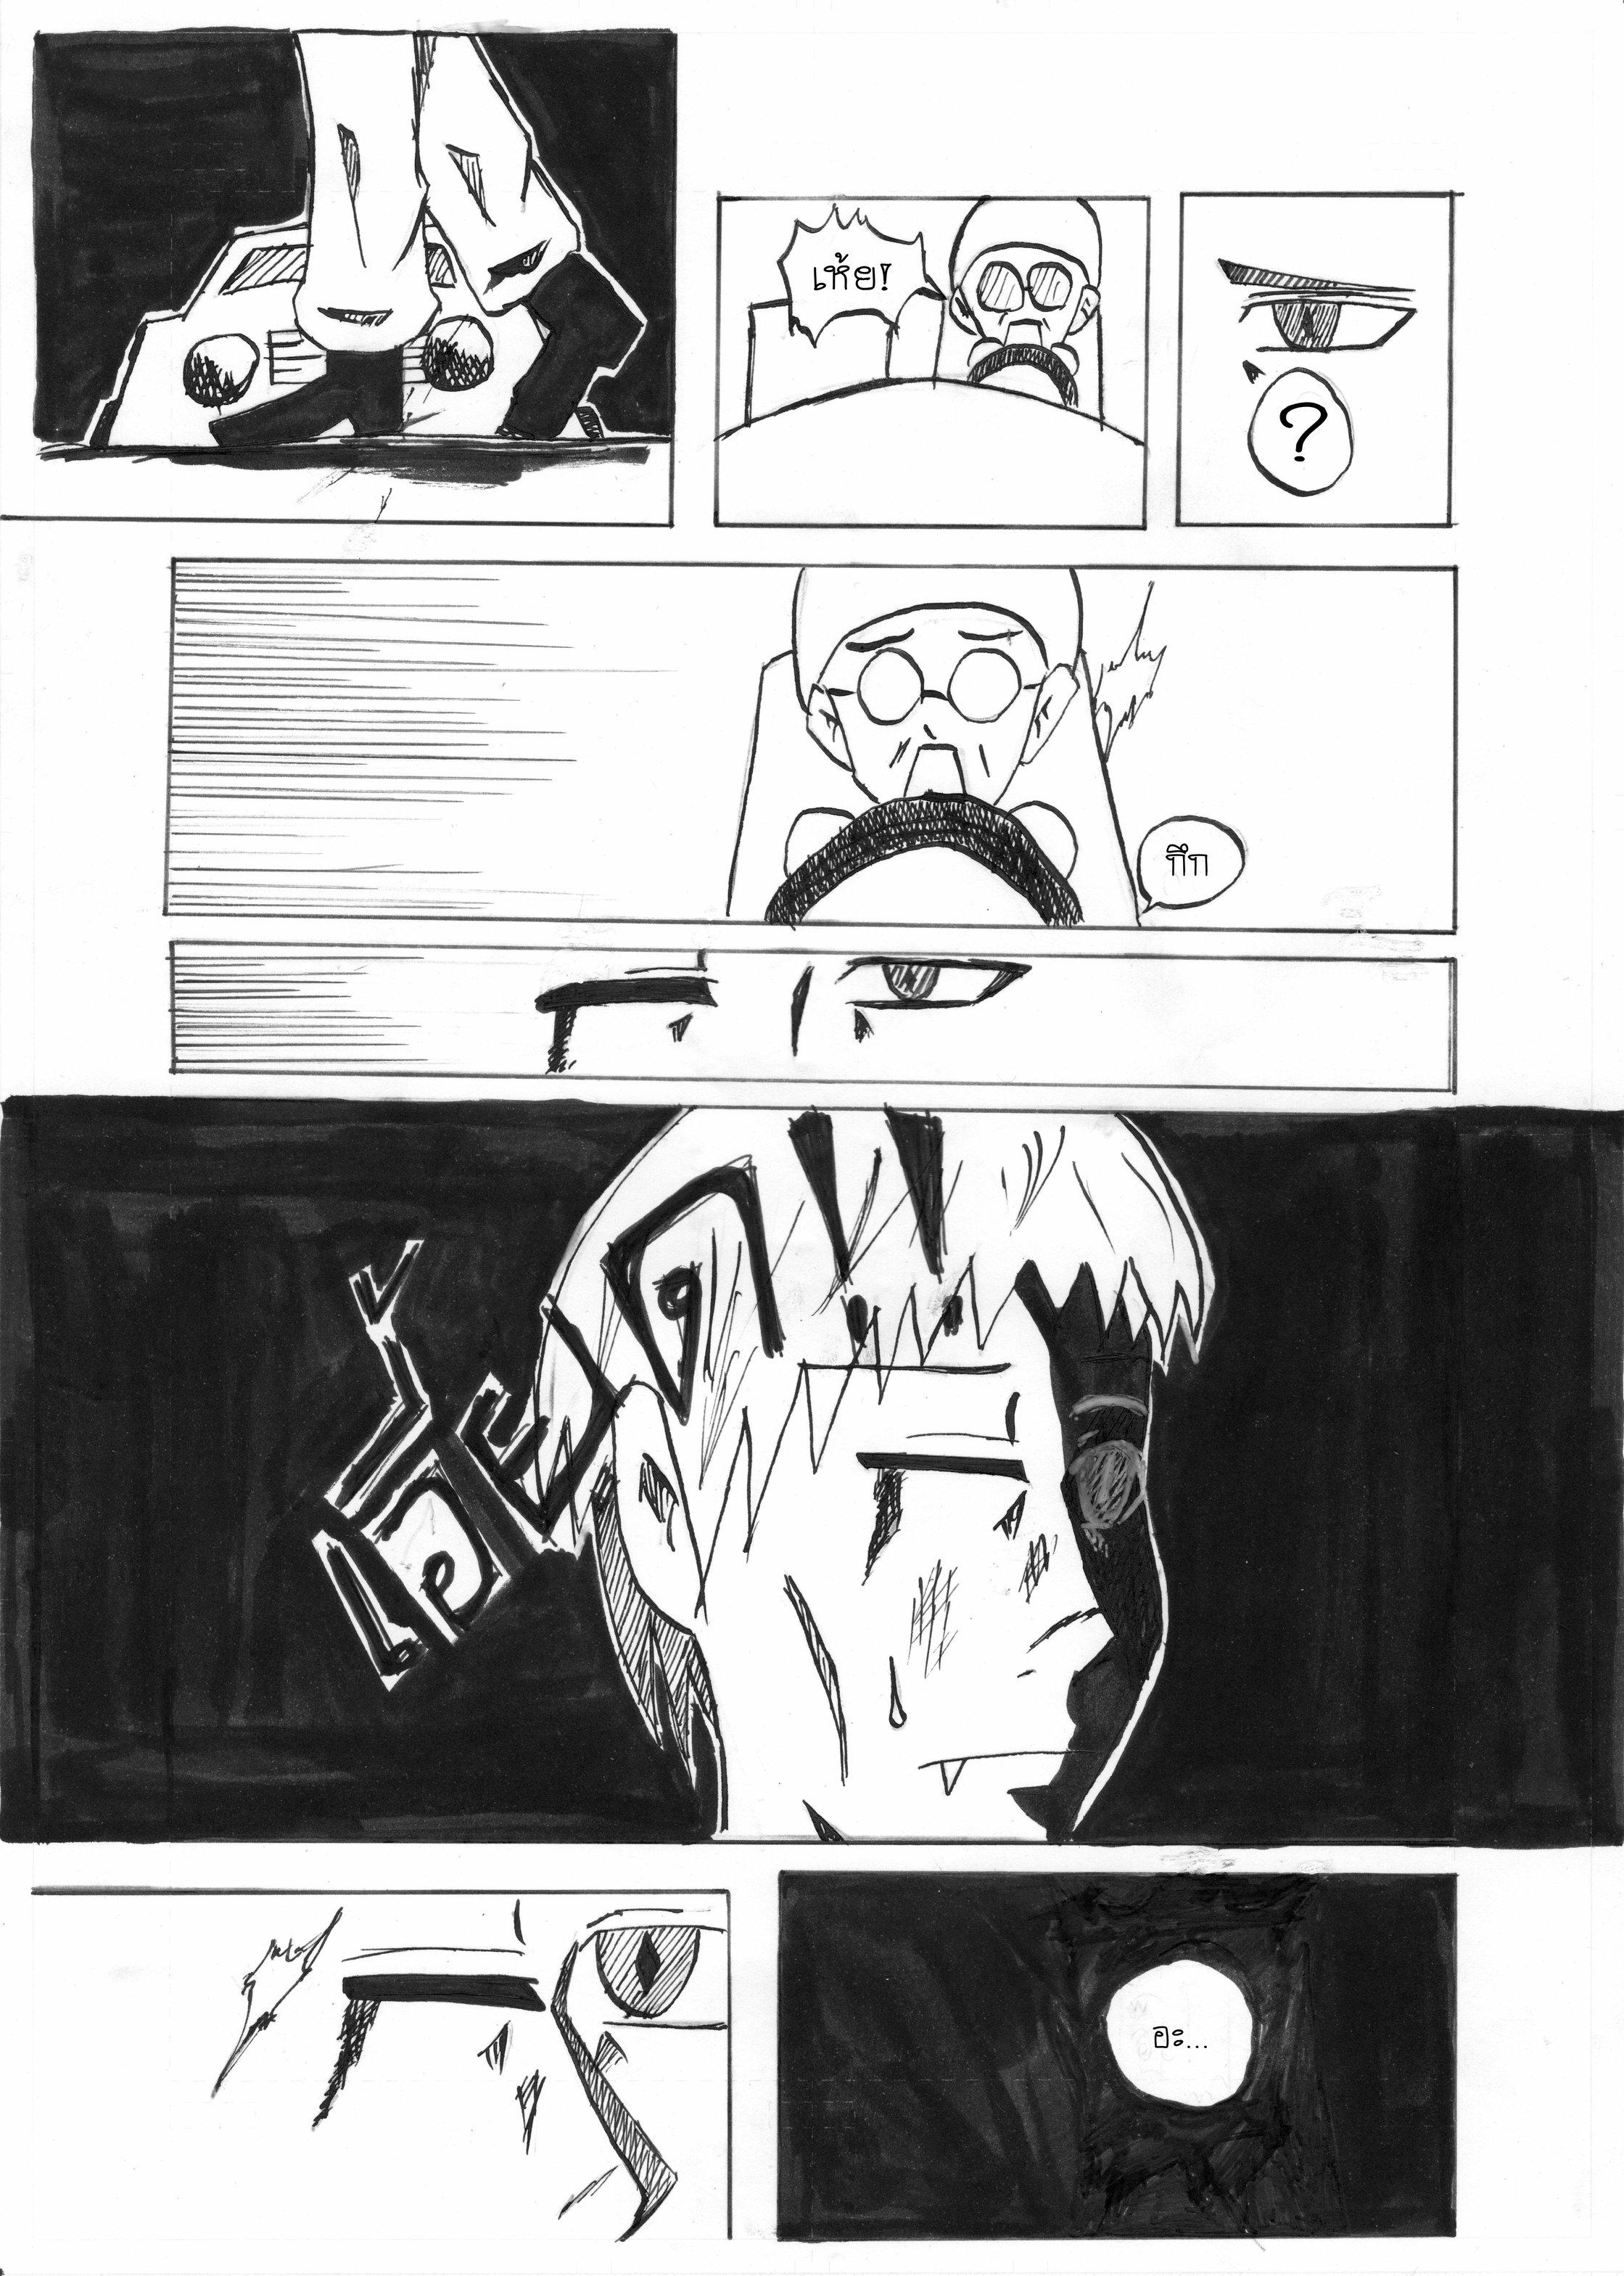 The Wolf - ตอนที 1 : จุดเริ่มต้น